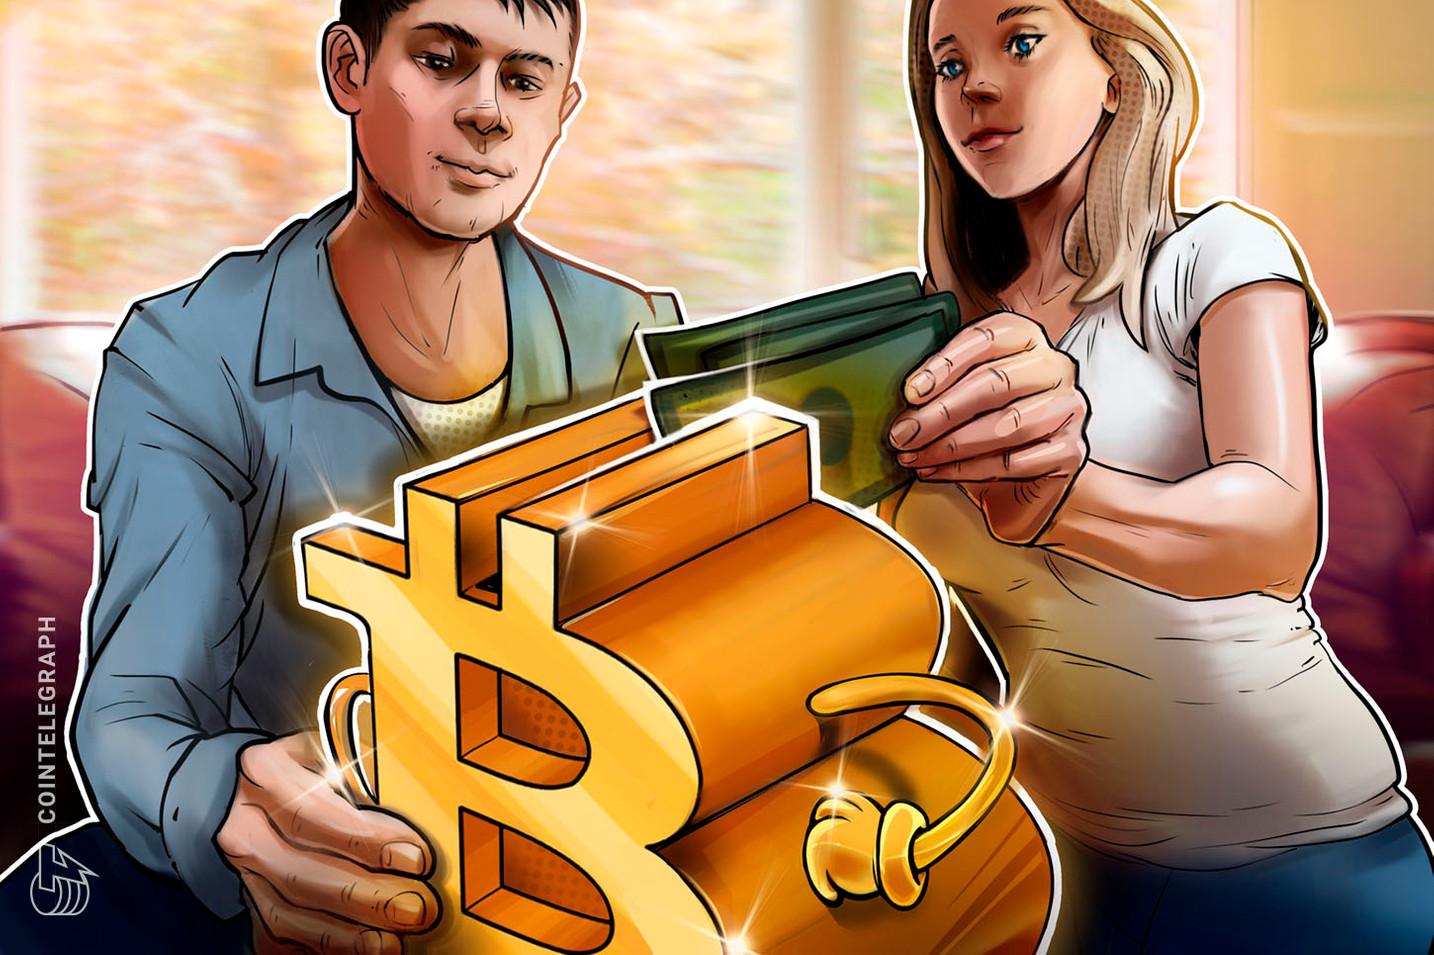 Acord unic de refinanțare a împrumutului la domiciliu susținut de Bitcoin în California